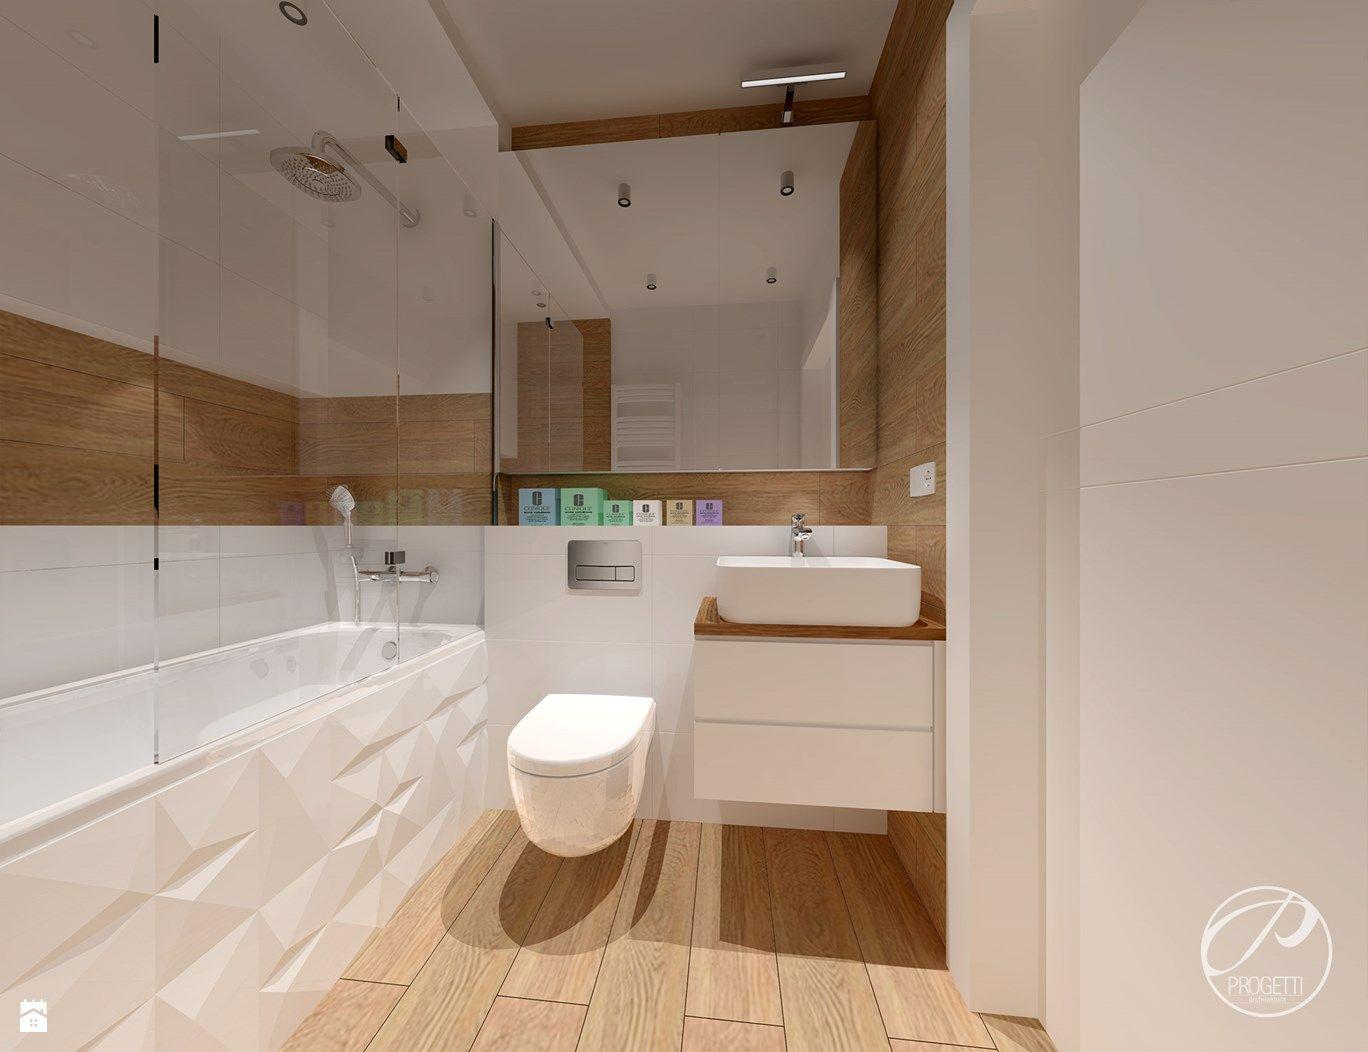 łazienka Styl Nowoczesny Zdjęcie Od Progetti Architektura